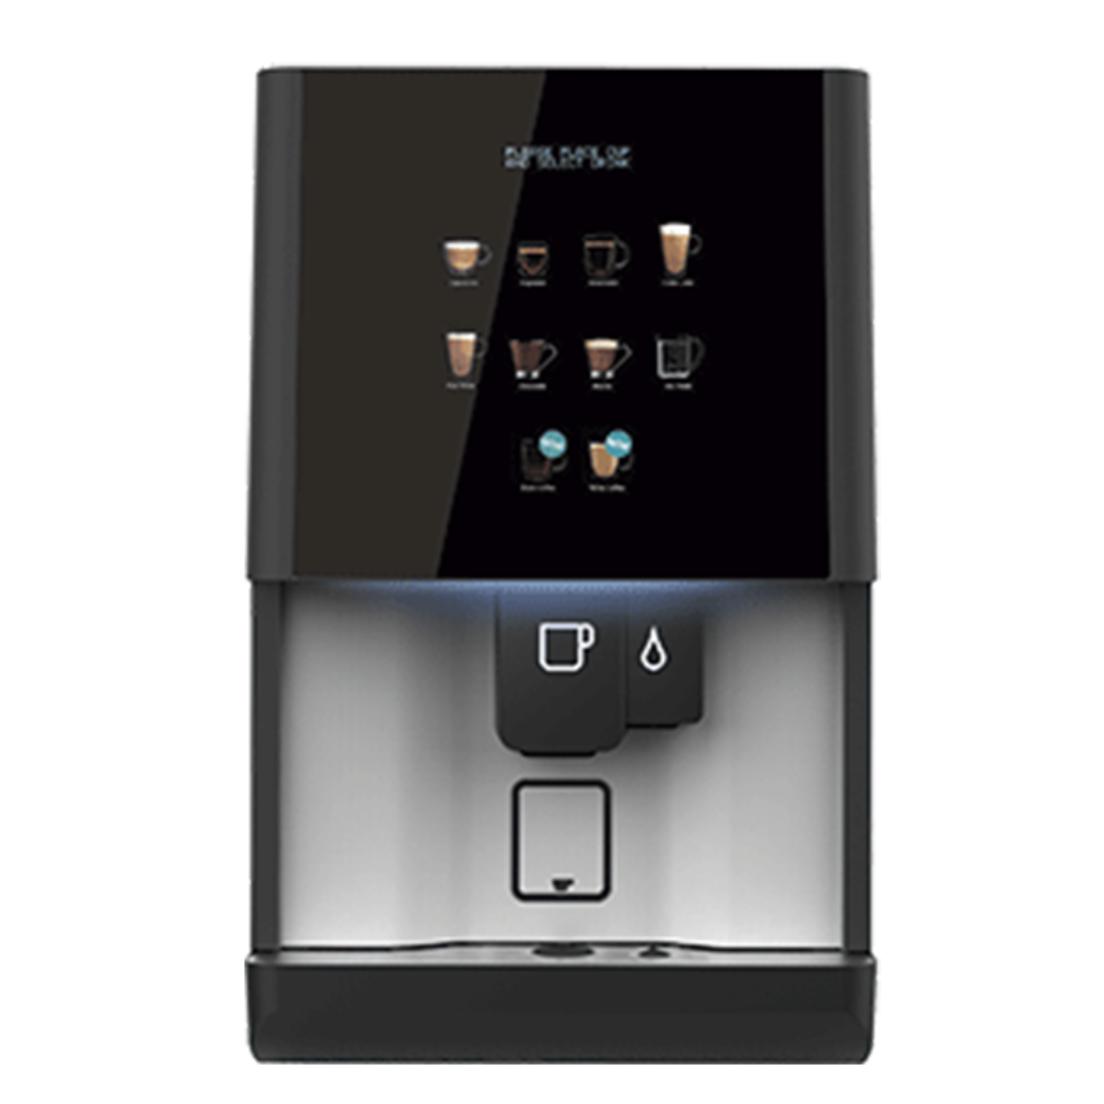 Vitro S5 Fresh Coffee